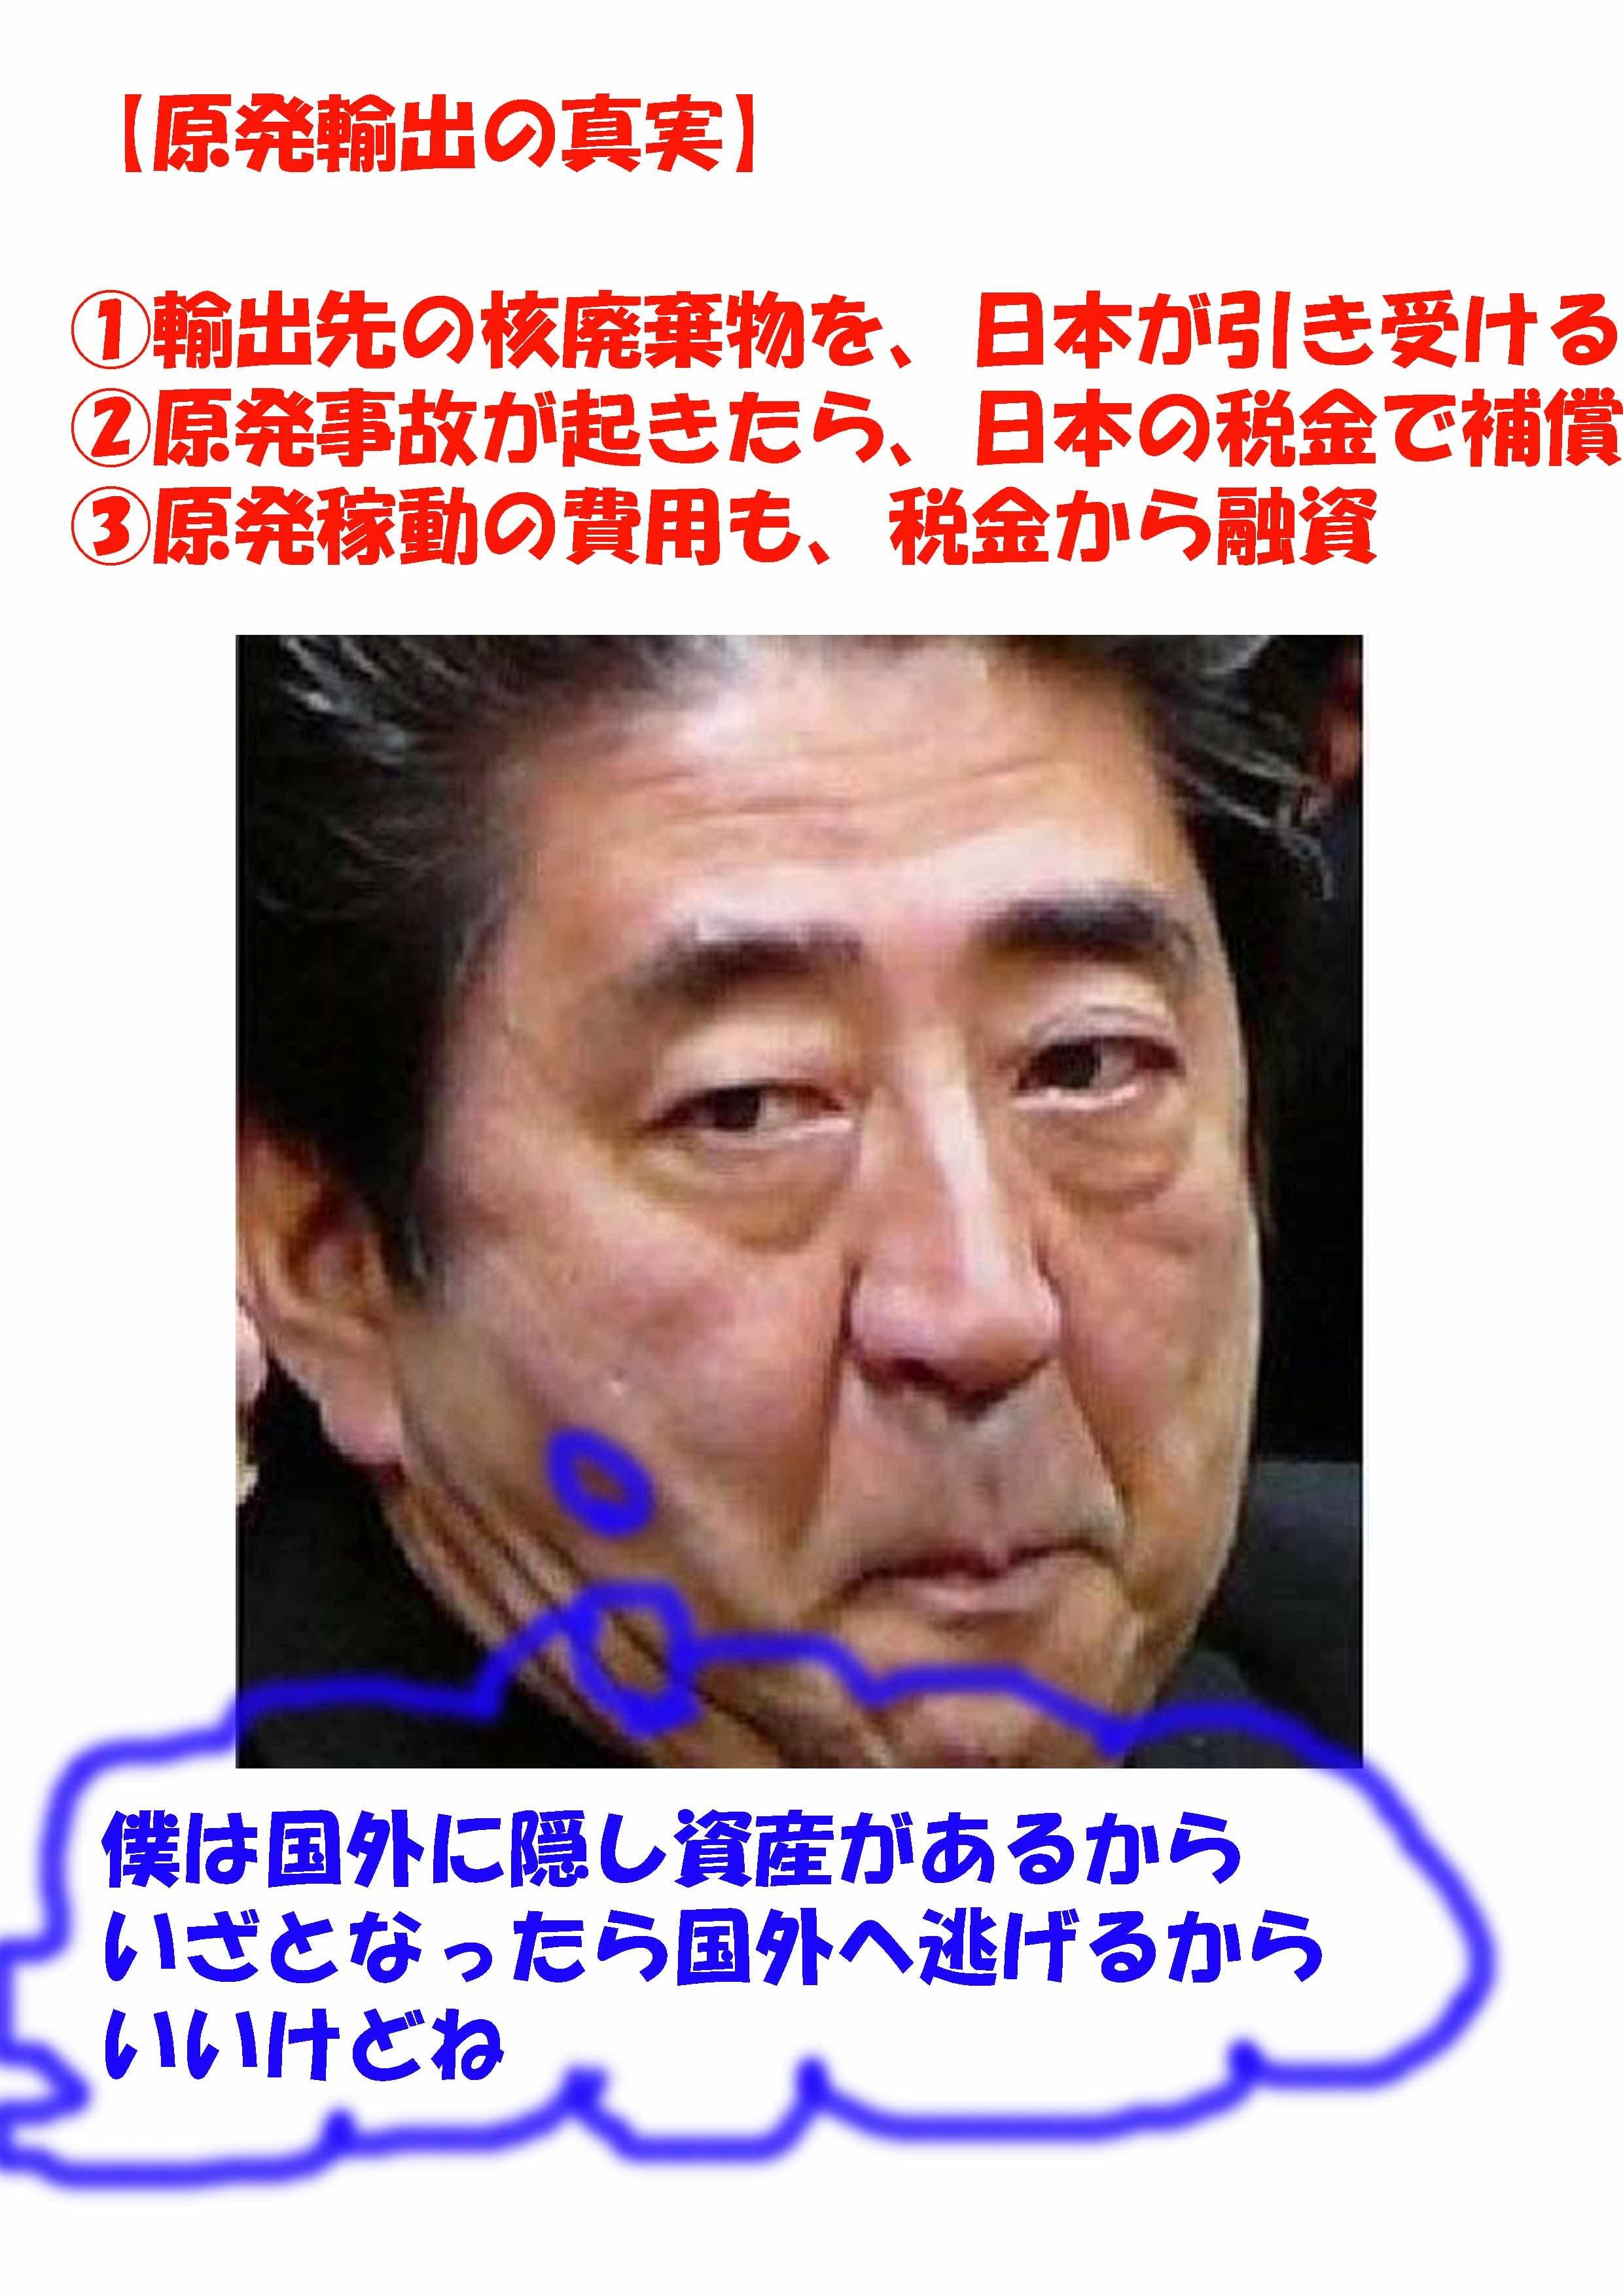 2_20161212223027da1.jpg